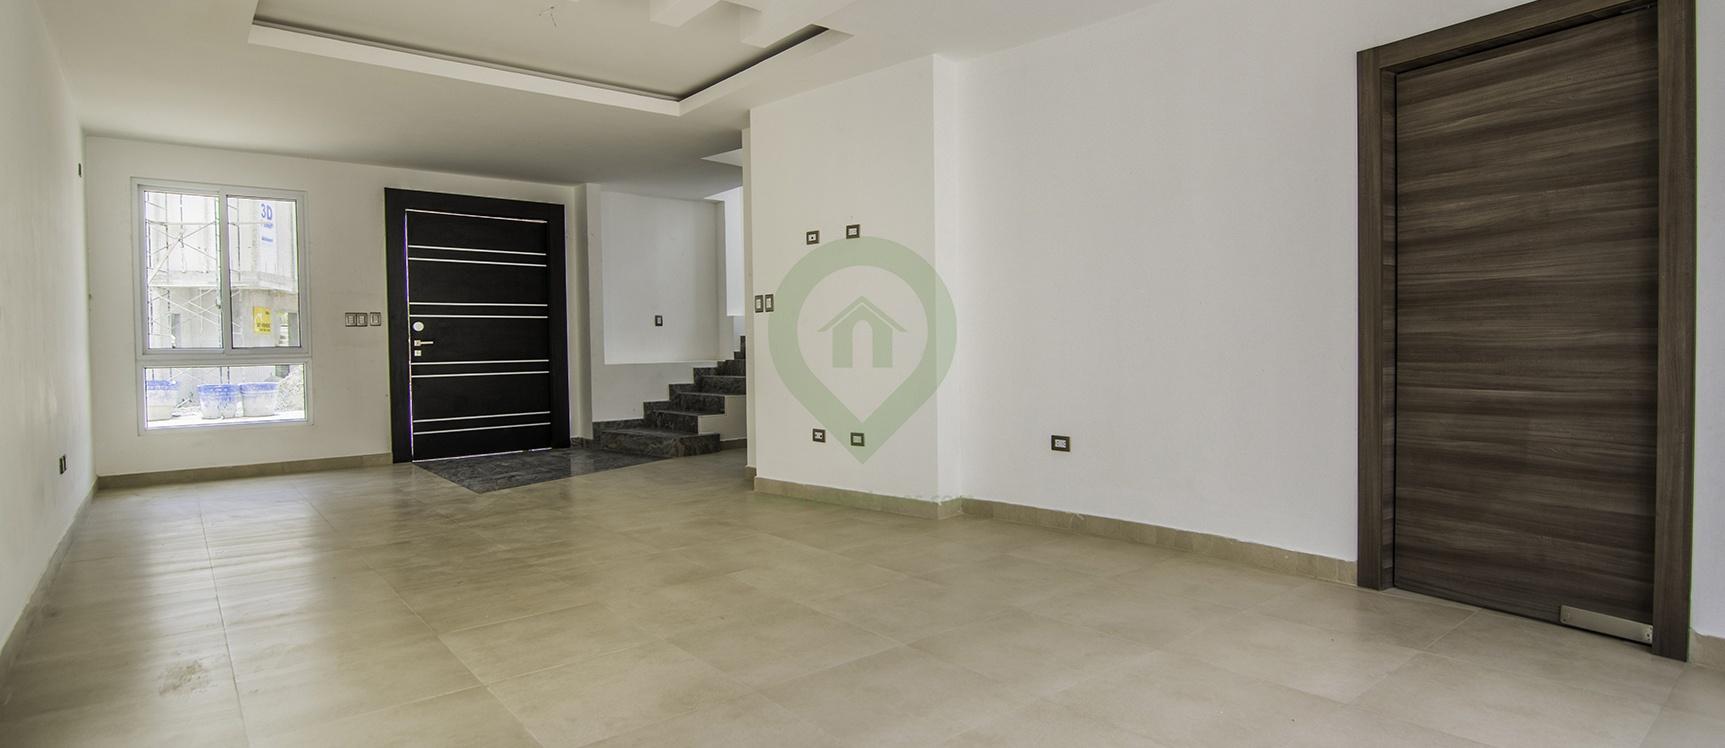 GeoBienes - Casa en venta Villa 1 en Mocolí Gardens Vía a Samborondón - Plusvalia Guayaquil Casas de venta y alquiler Inmobiliaria Ecuador